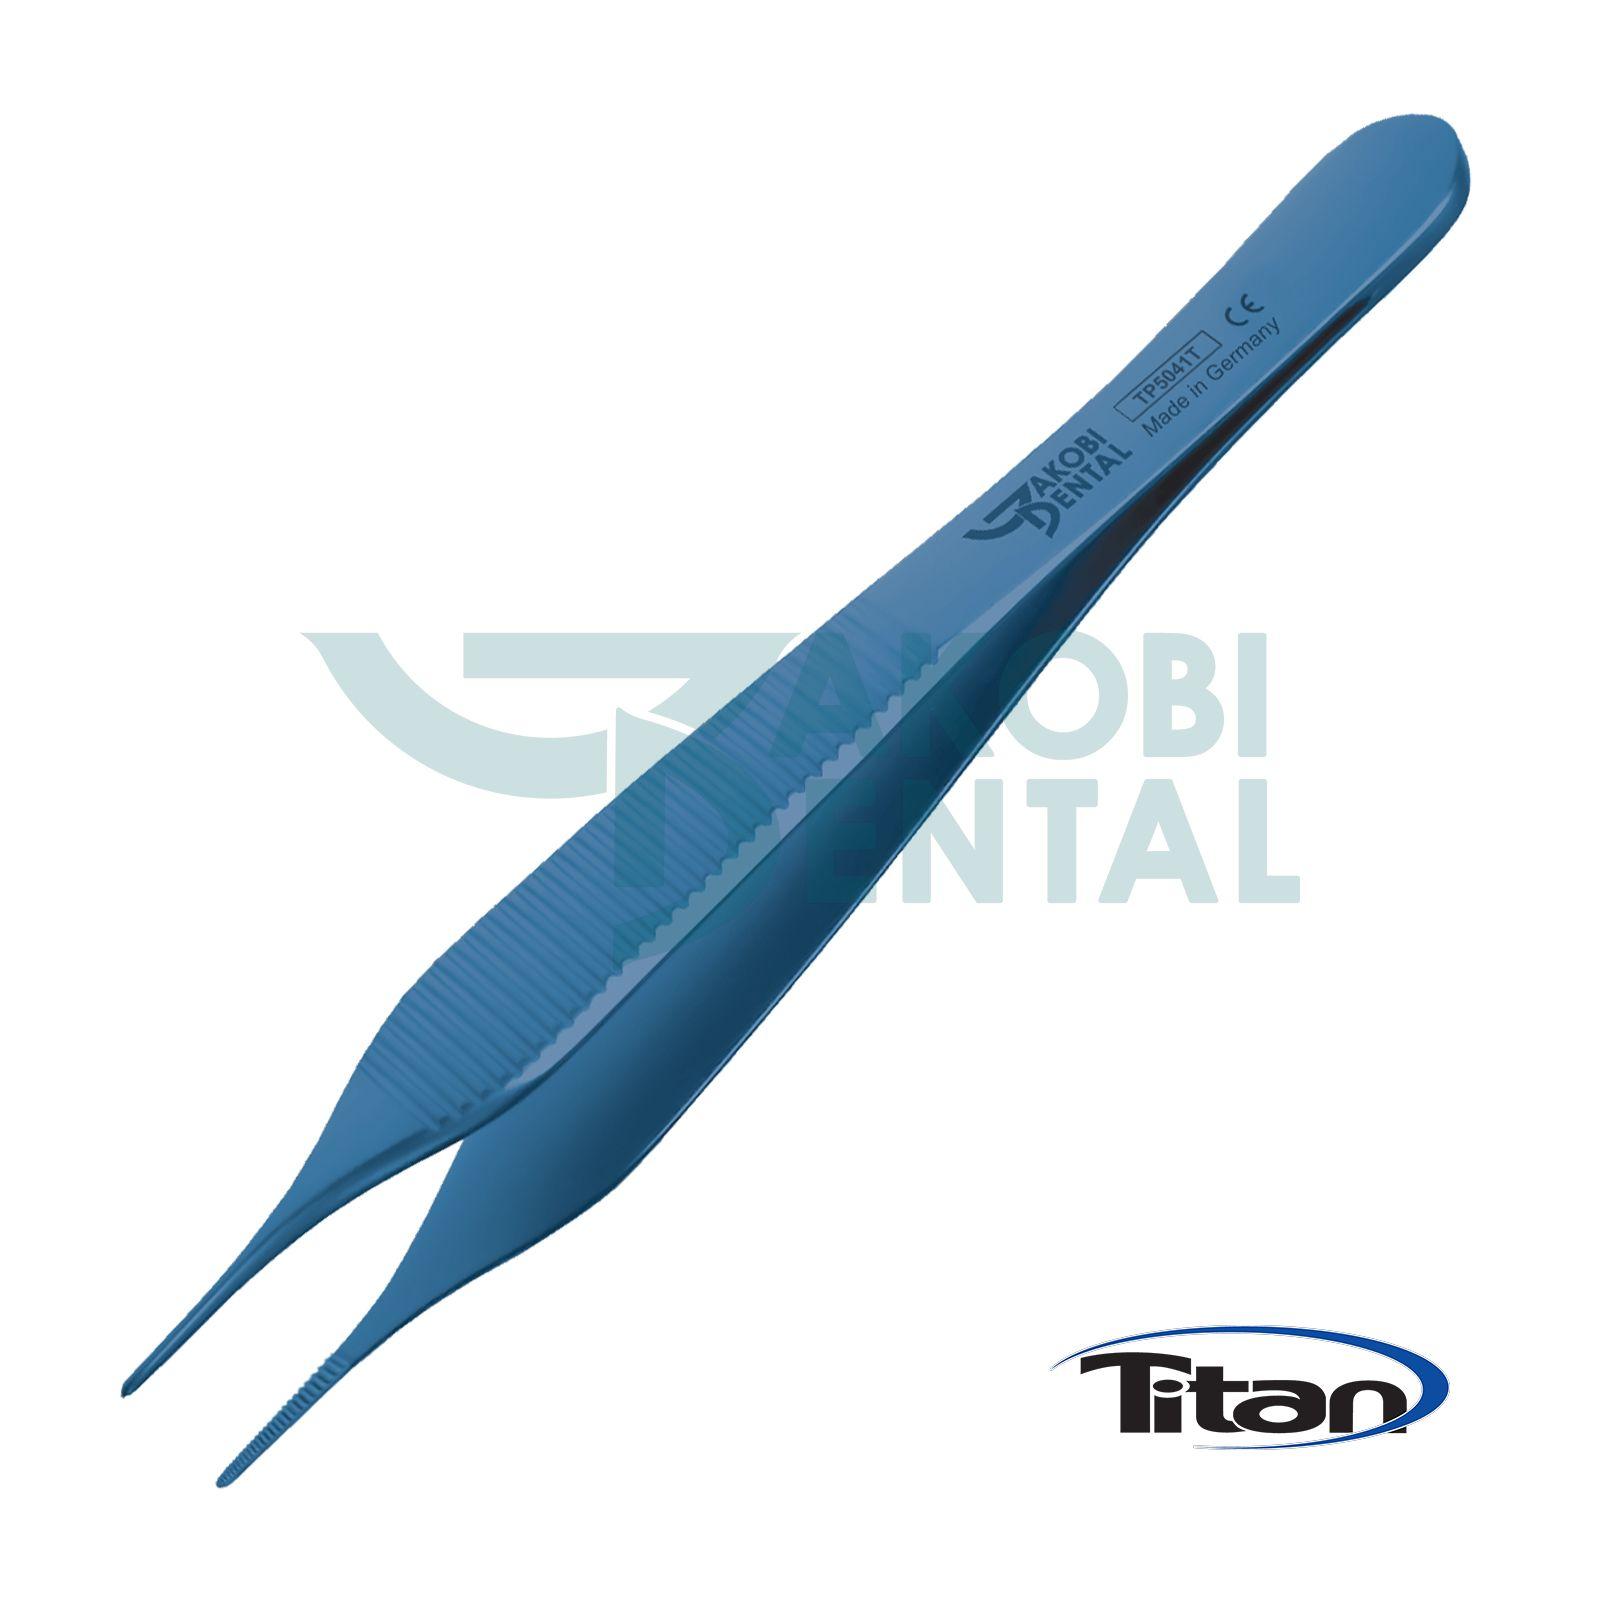 Titan Pinzette Adson, 120mm, anatomisch